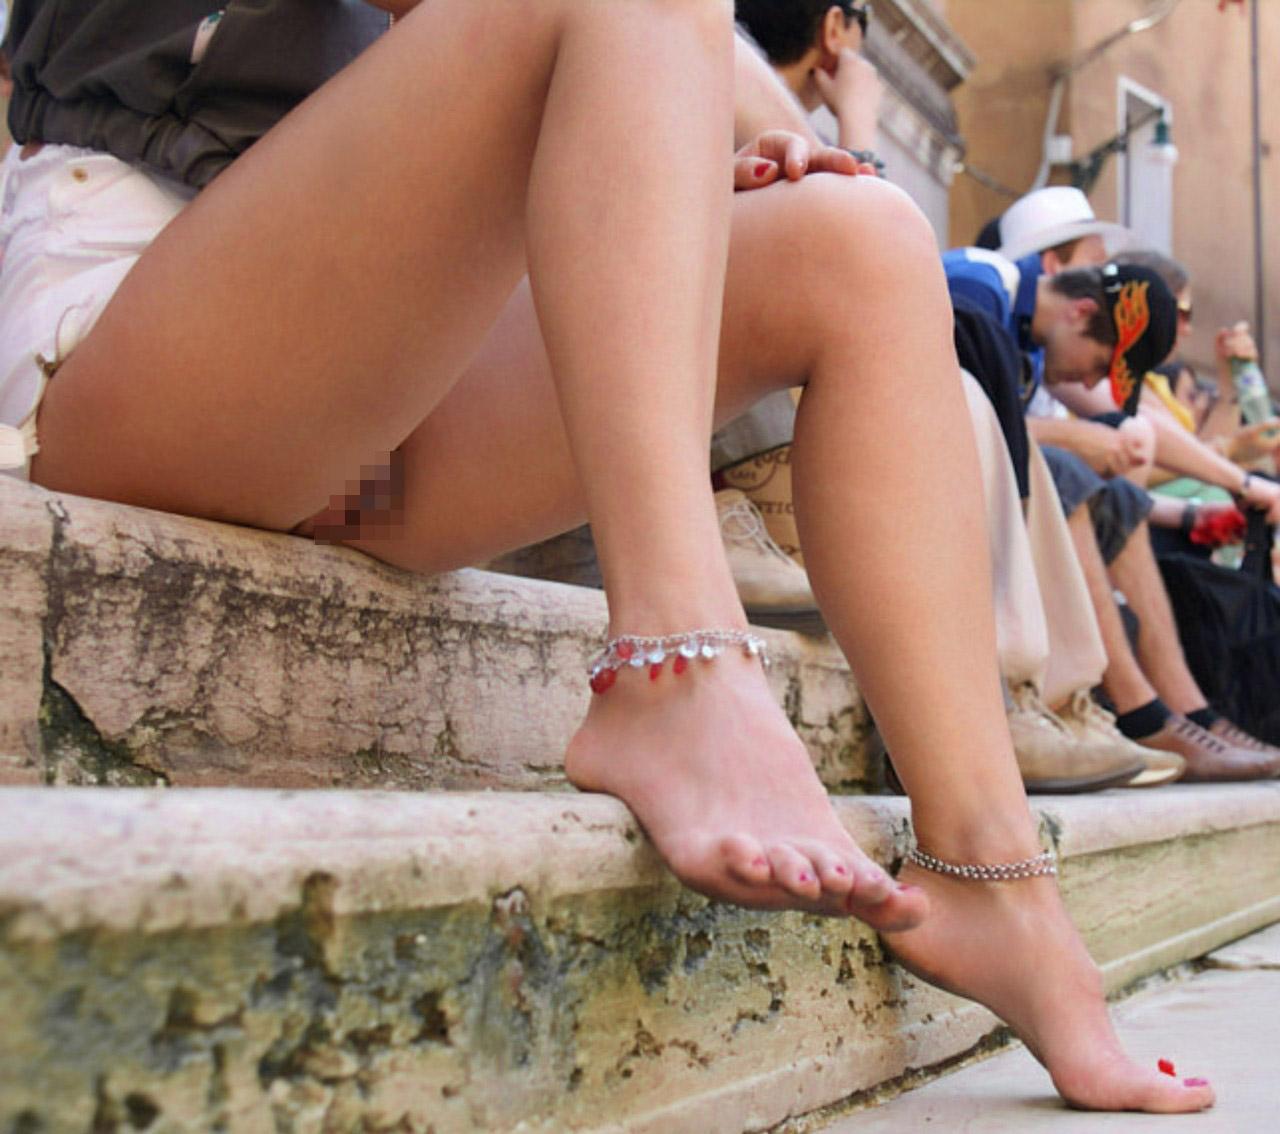 【ノーパンエロ画像】夏場にやると汗垂れがヤバそう…捲れば丸出しノーパン淑女www 10